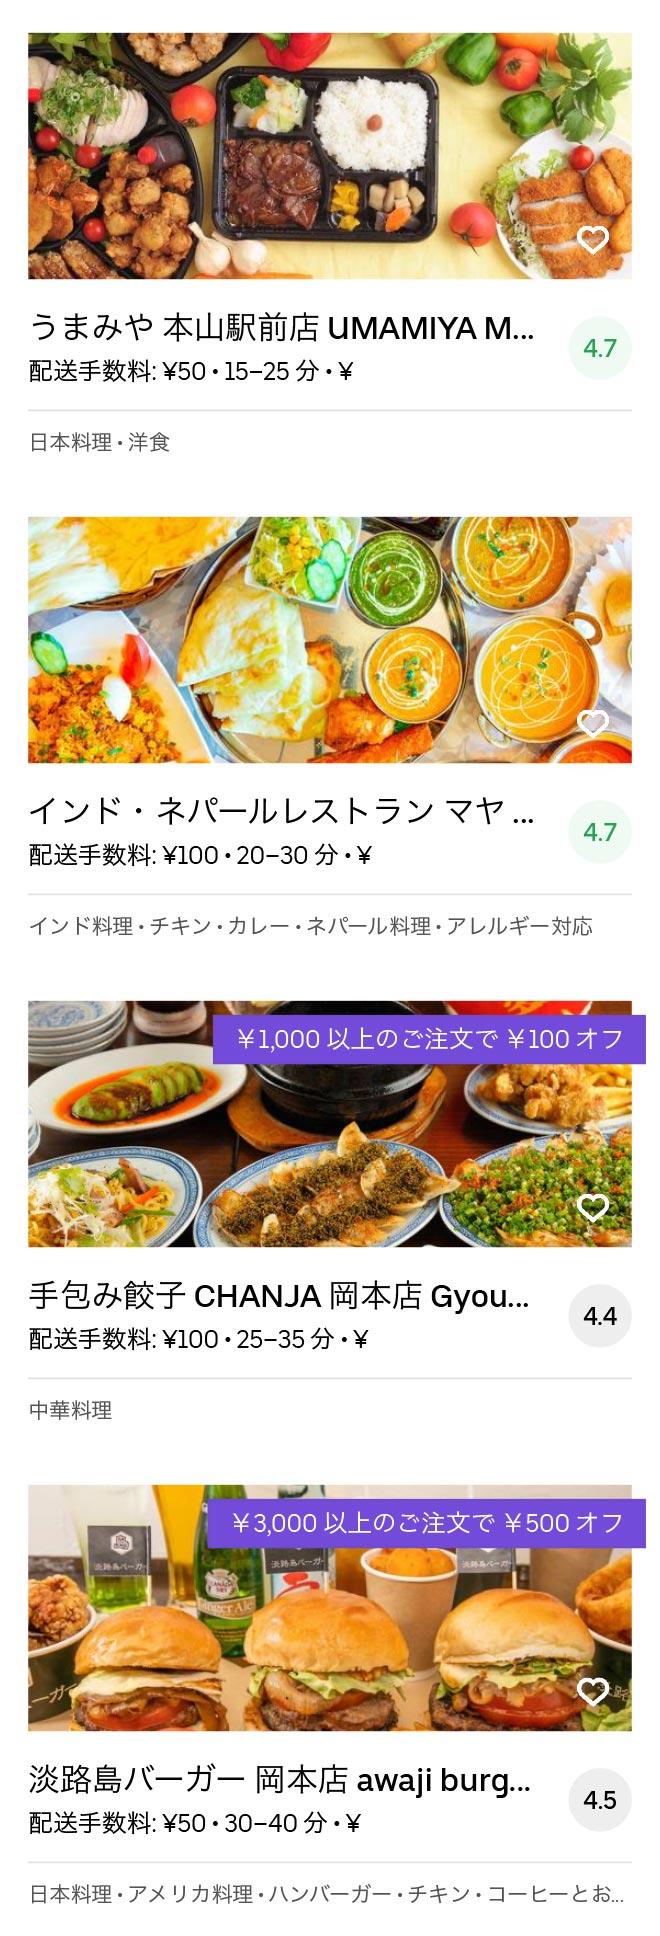 Kobe sumiyoshi menu 2005 04